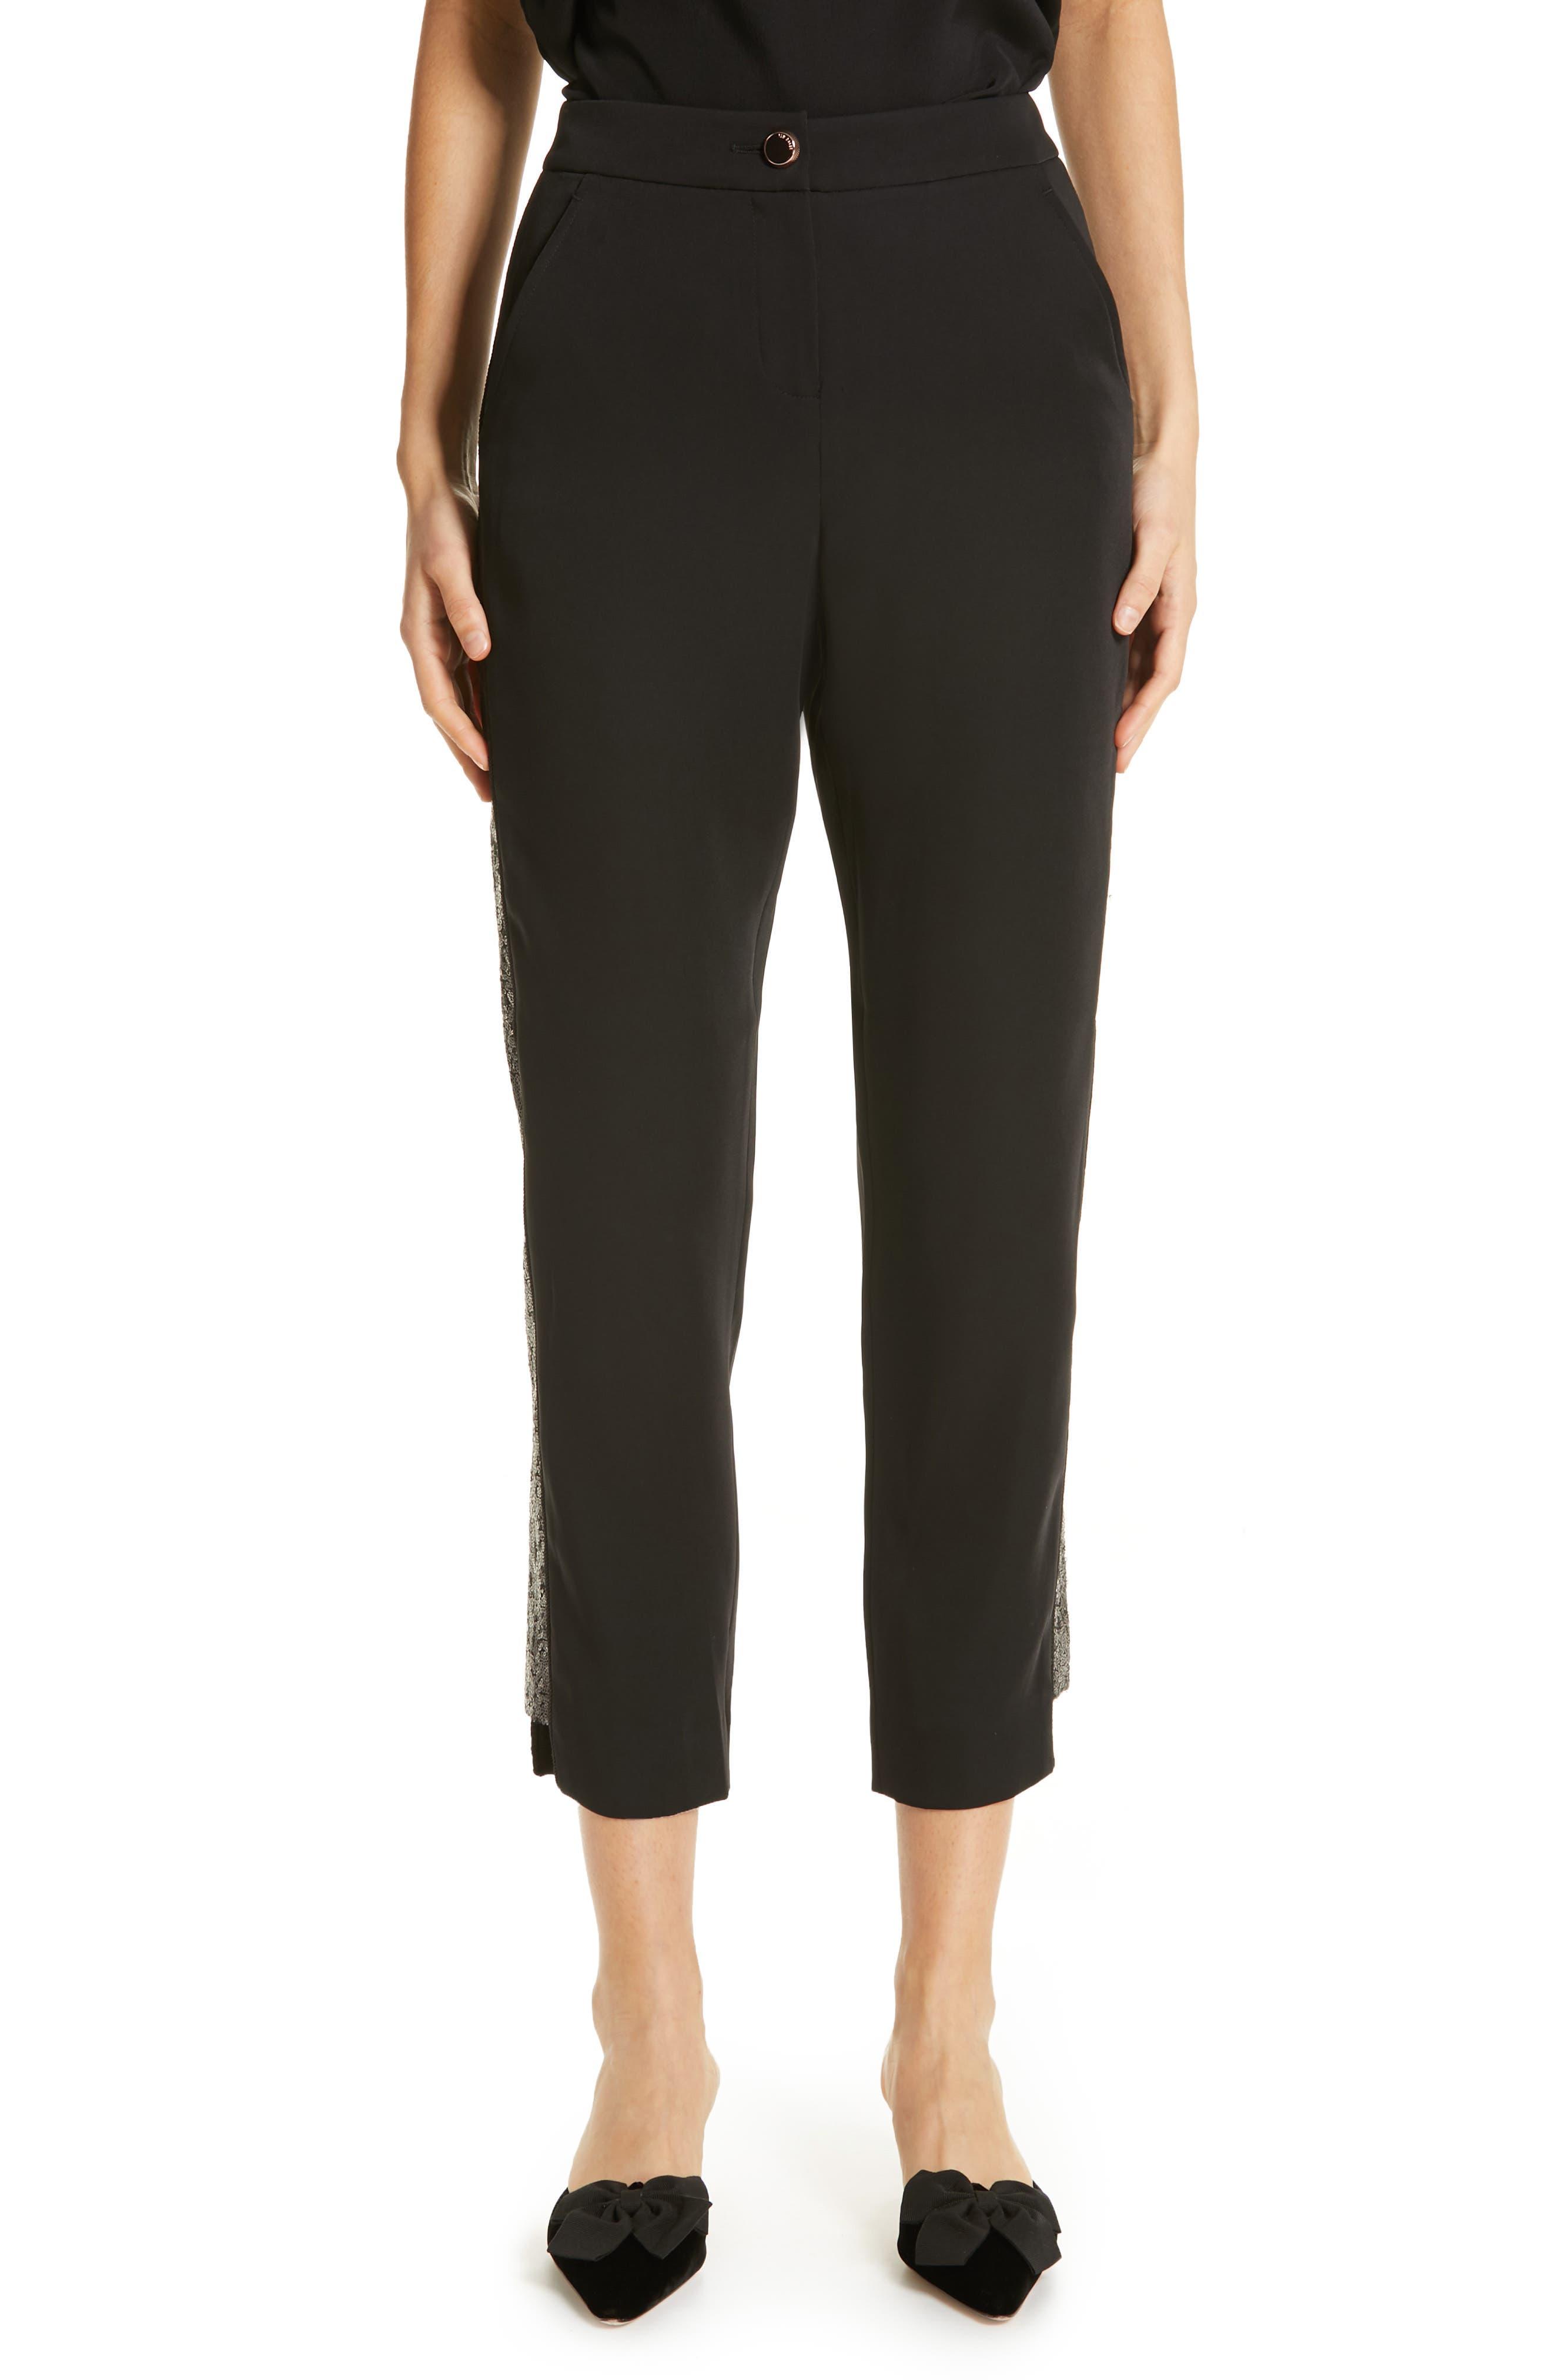 Polliit Sequin Side Panel Pants,                             Main thumbnail 1, color,                             BLACK